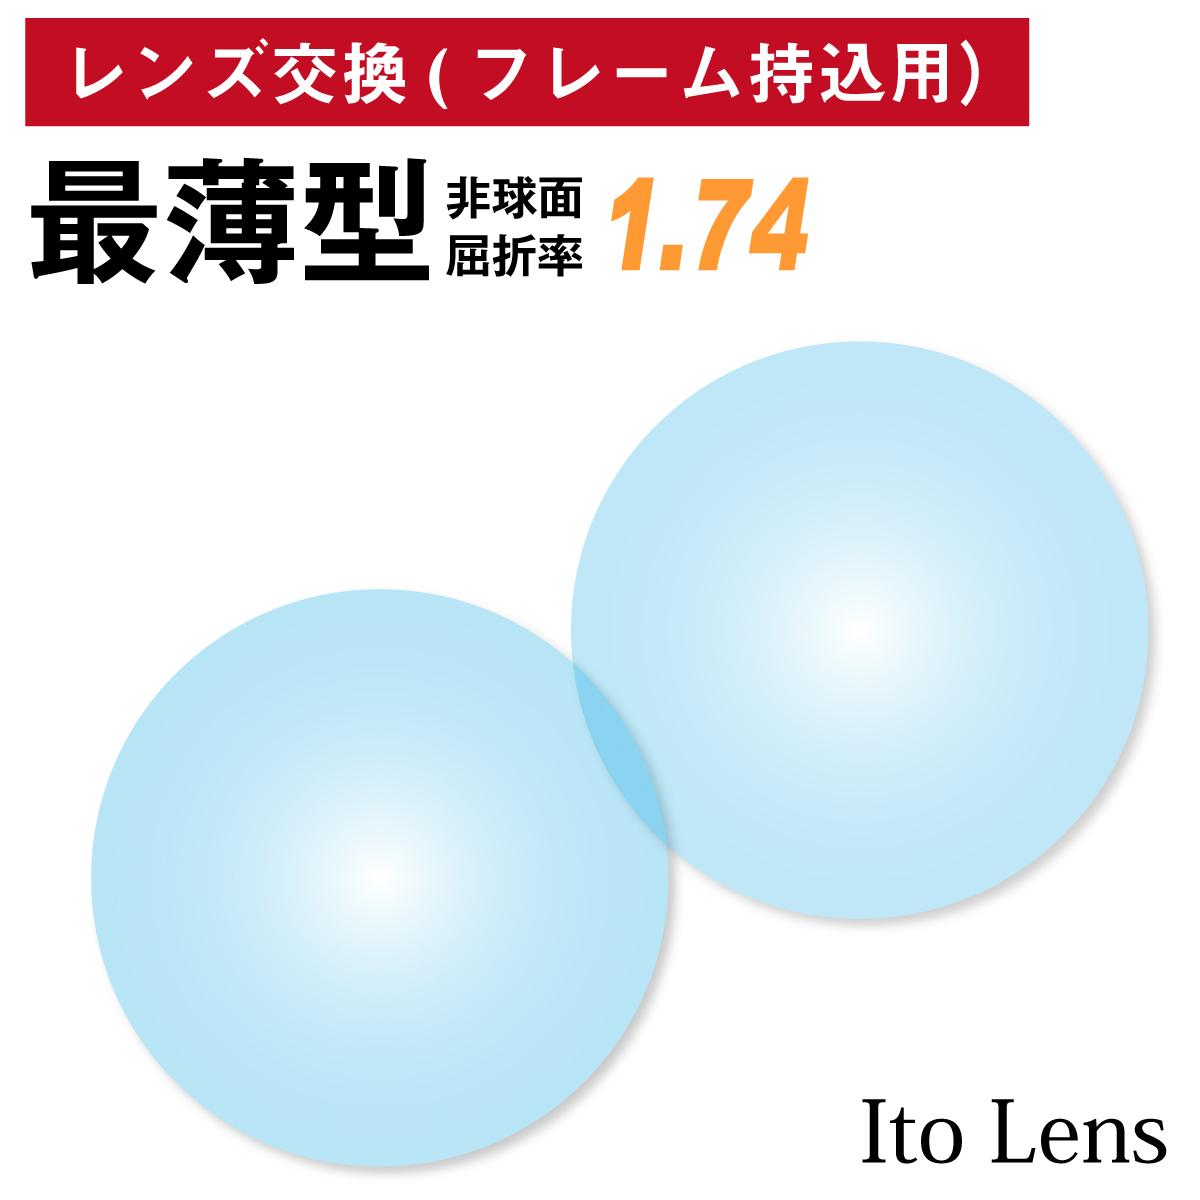 【他店のフレームもOK】【レンズ交換専用】フレーム持ち込み用 最薄型 屈折率 1.74 非球面レンズ メガネ レンズ 交換 UVカット 紫外線カット キズ防止 反射防止 撥水 汚れはじきコート 無色 クリア 透明